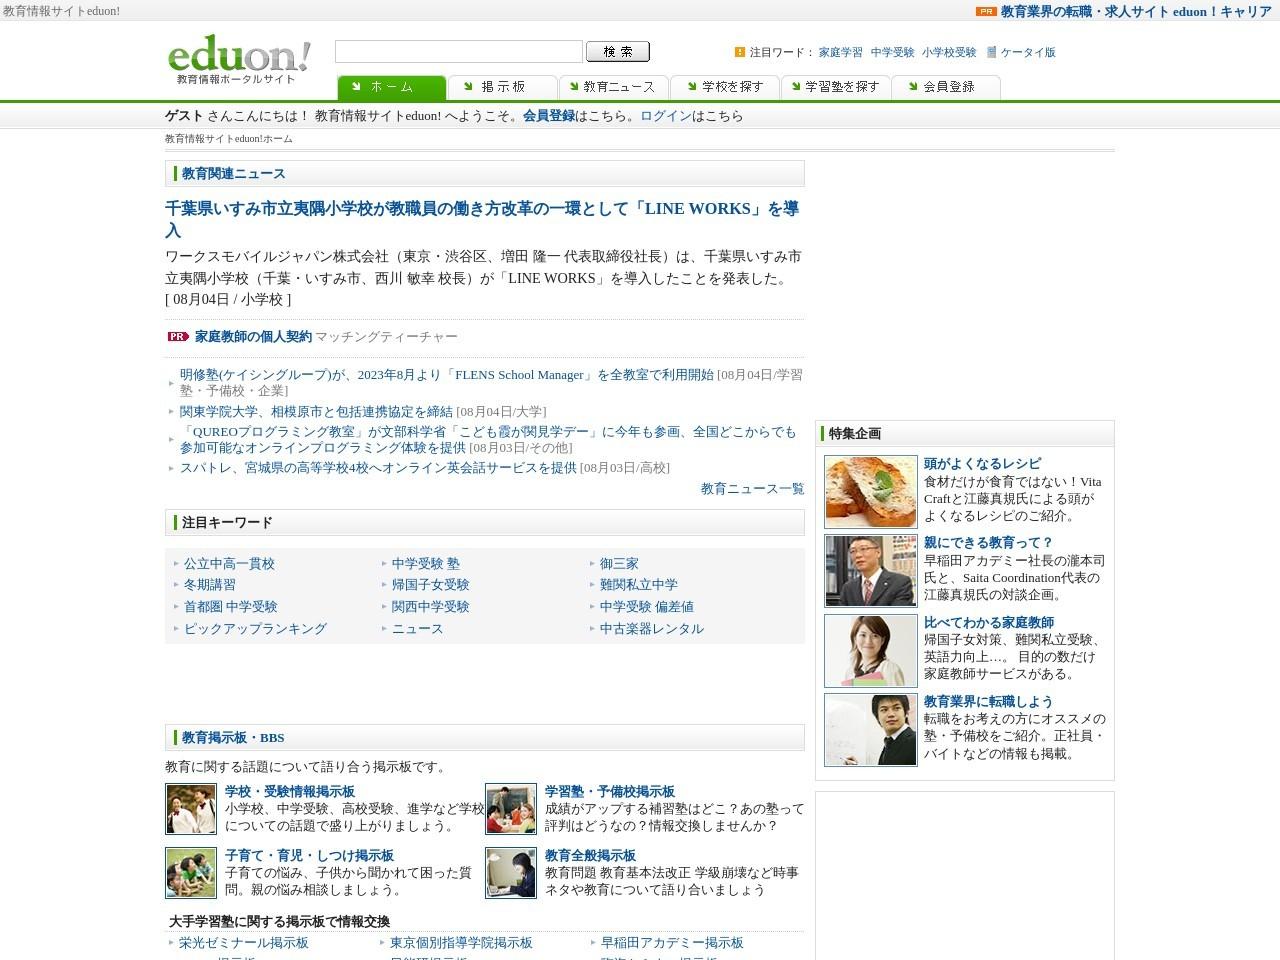 教育情報サイトeduon!